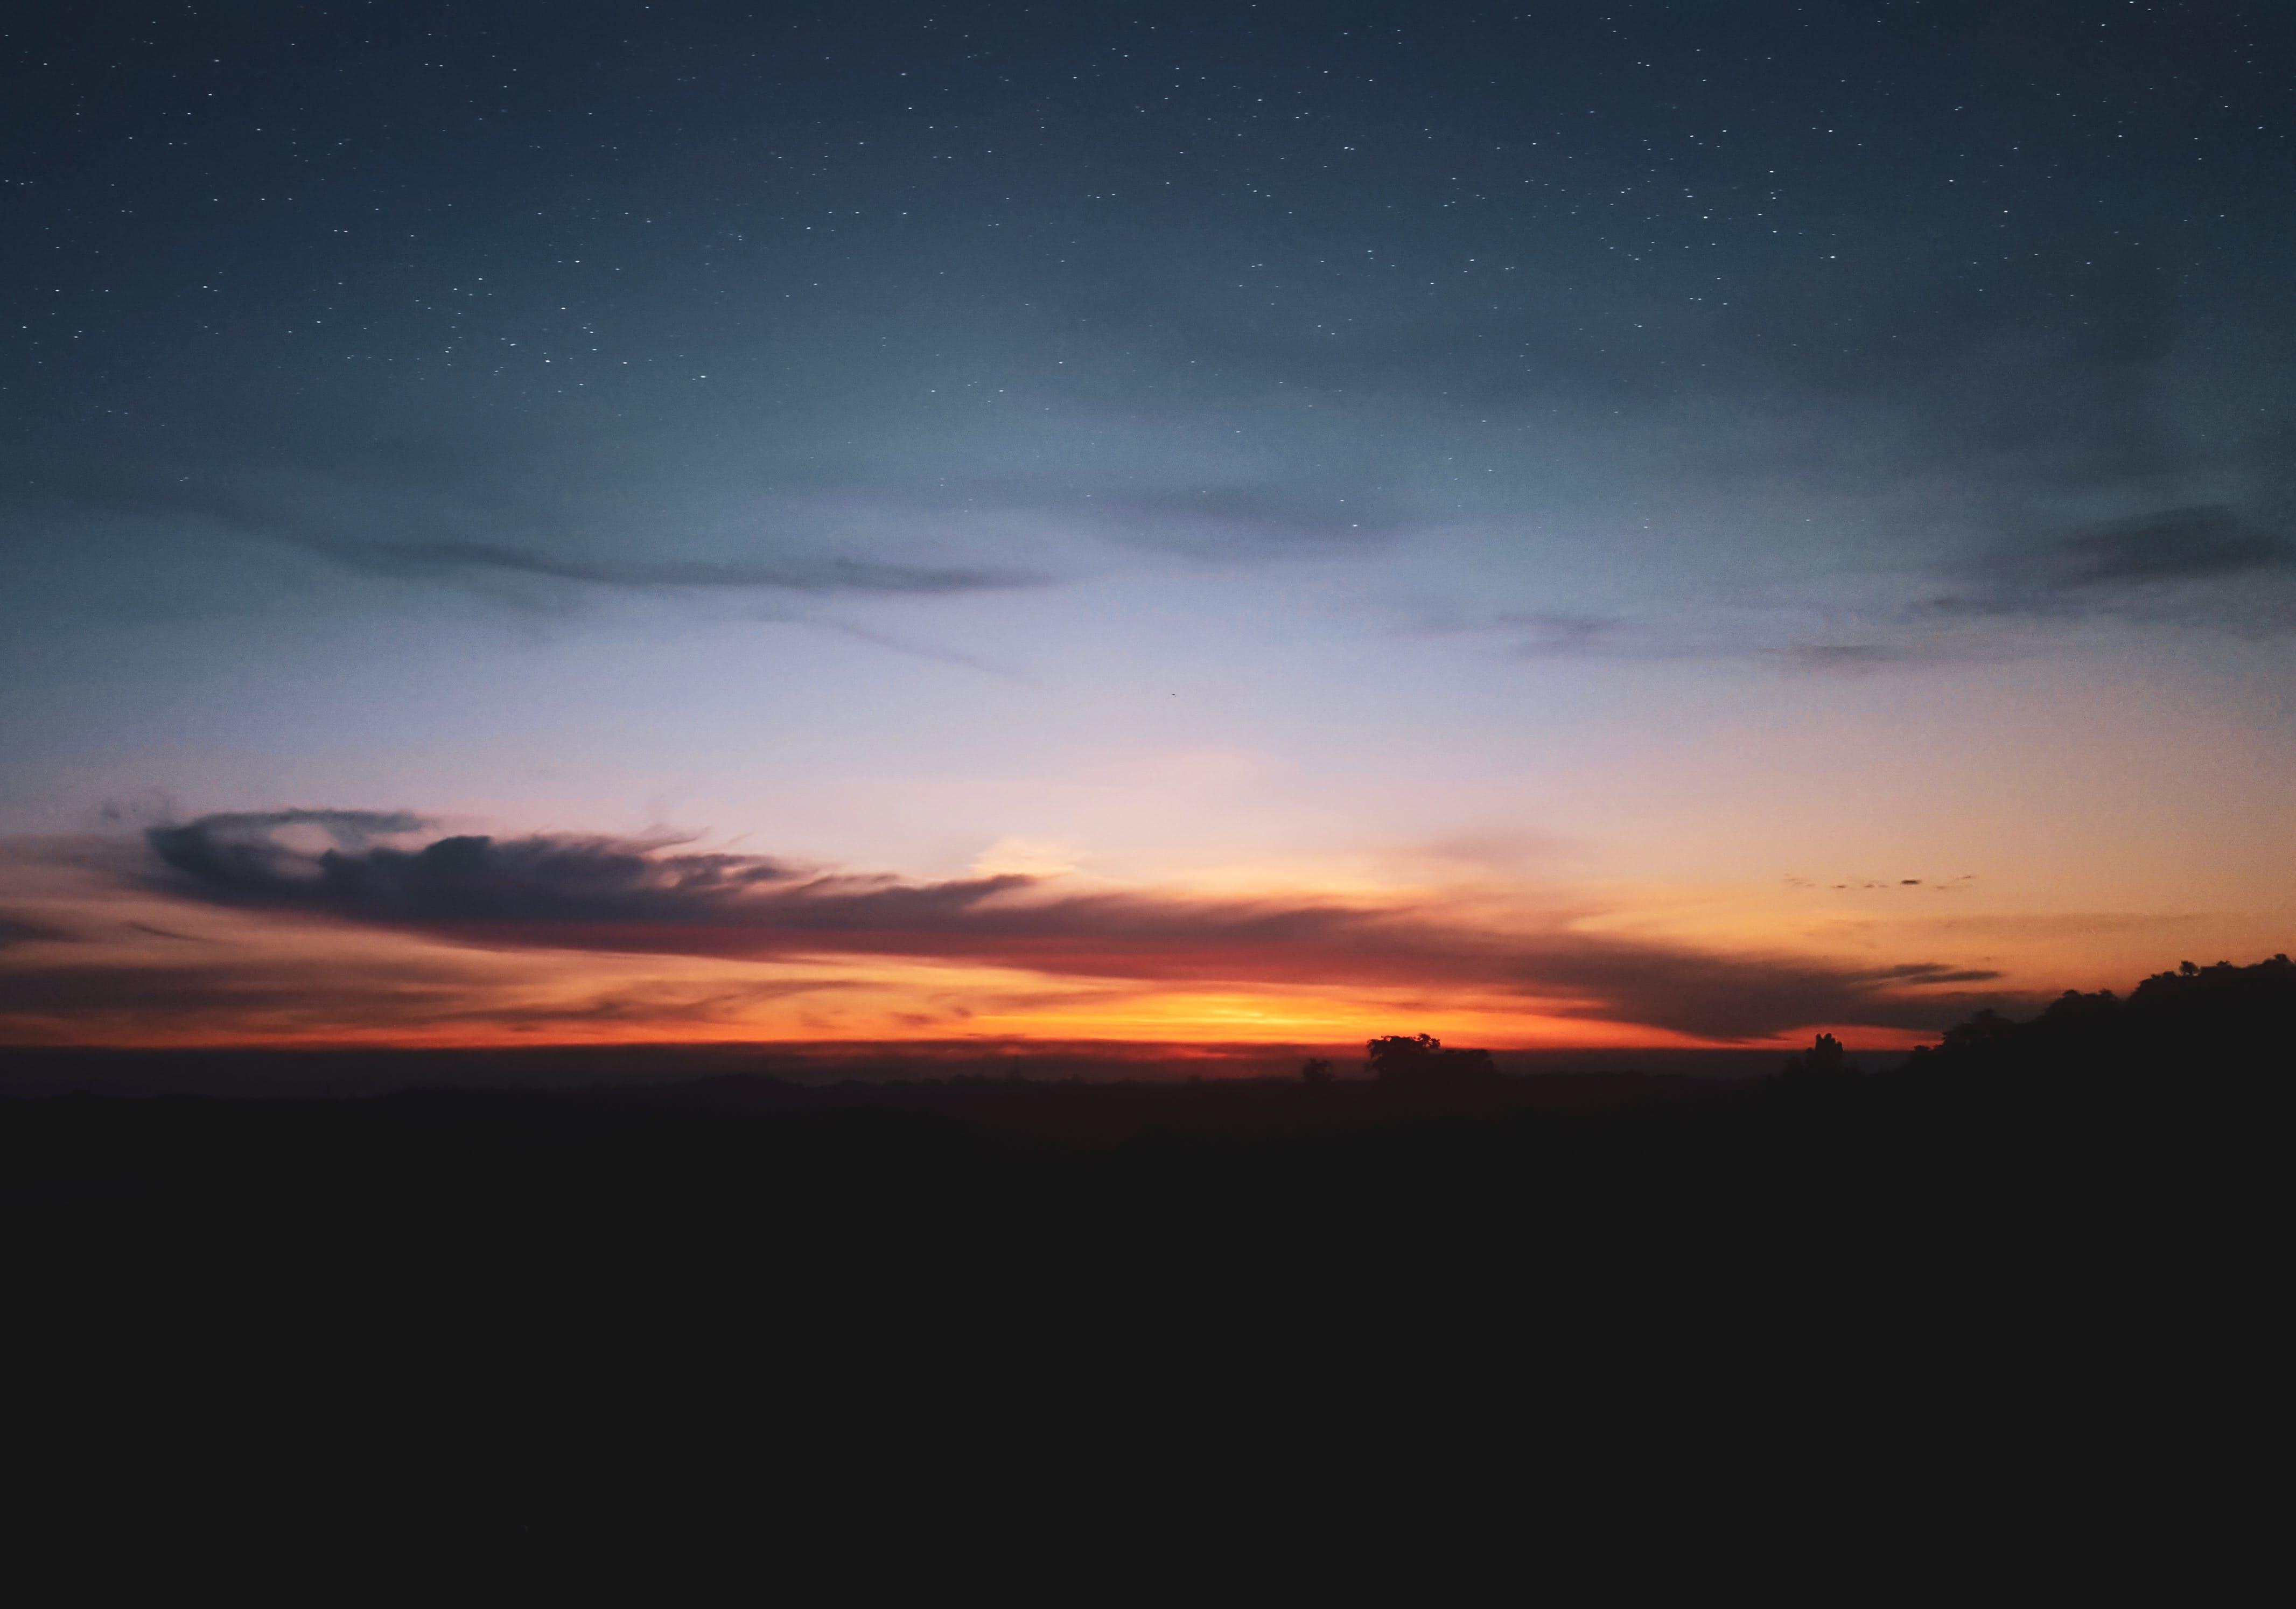 Ilmainen kuvapankkikuva tunnisteilla 4k taustakuva, aamu, auringonlasku, auringonnousu